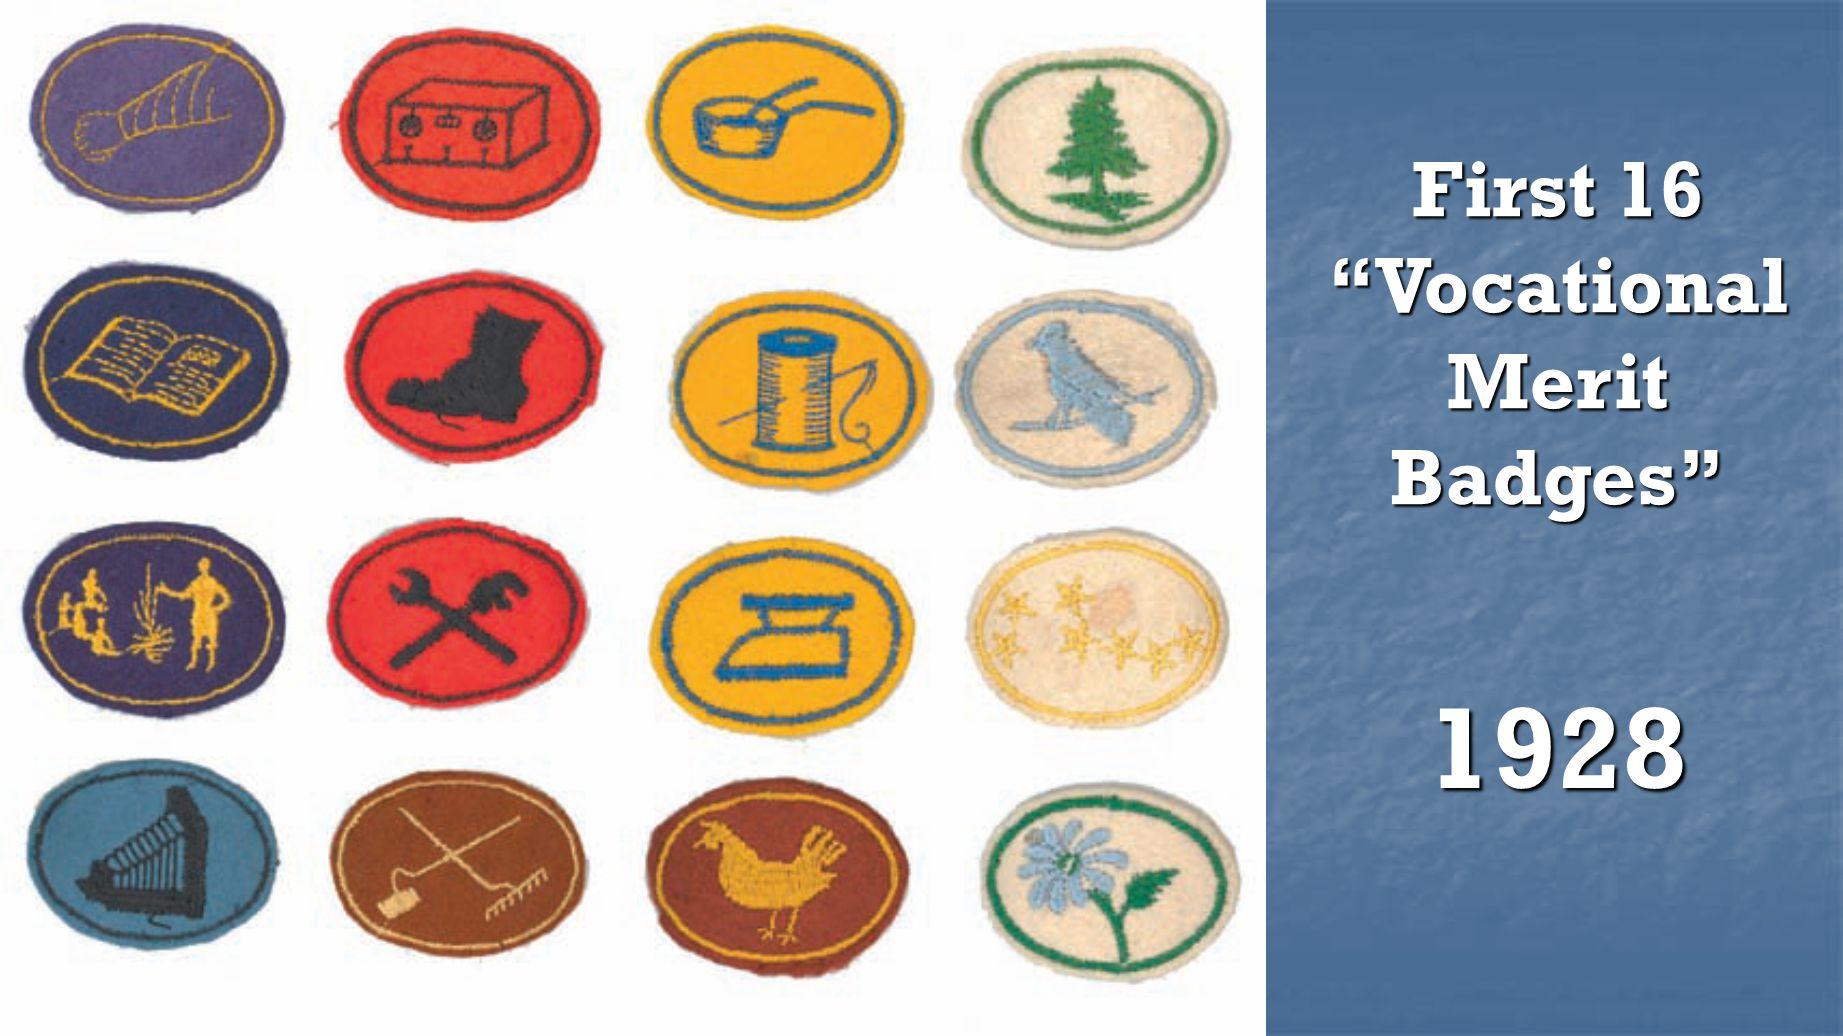 First 16 Vocational Merit Badges